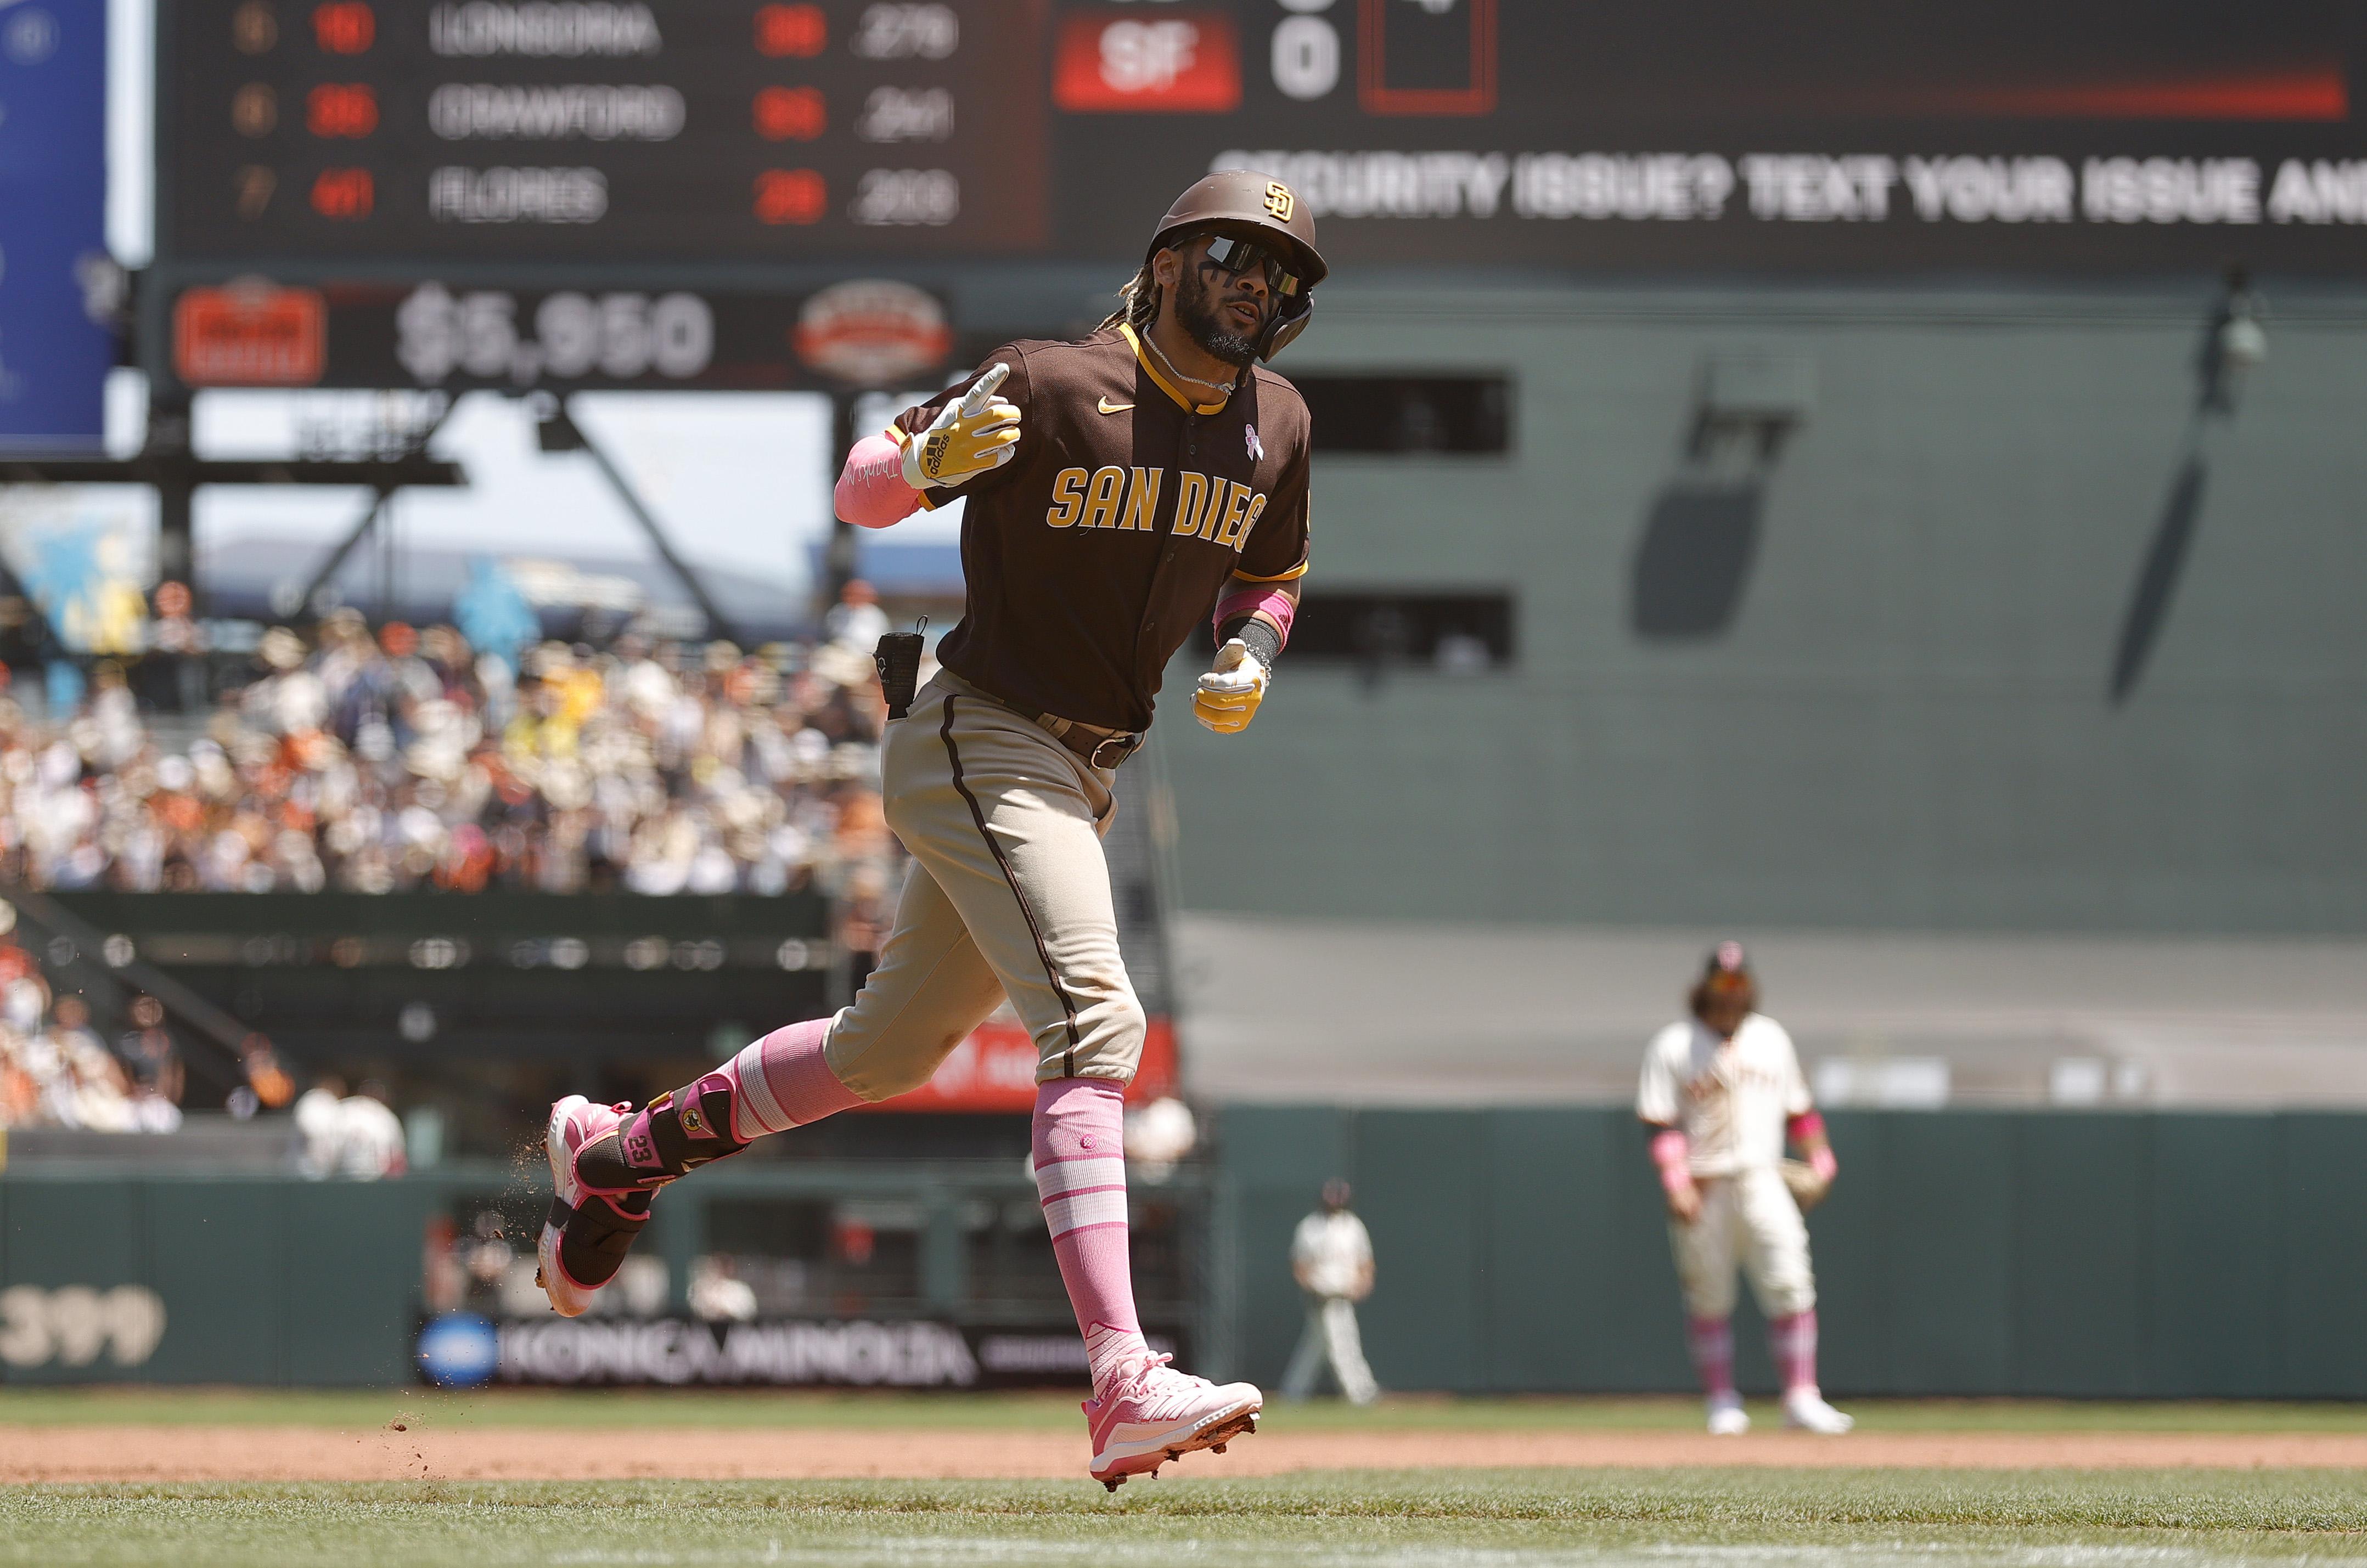 费尔南多·塔提斯是圣地亚哥教士队的23号球员,他于2021年5月9日在加州旧金山的甲骨文公园球场对旧金山巨人队的第二局击出了一支两分的本垒打。